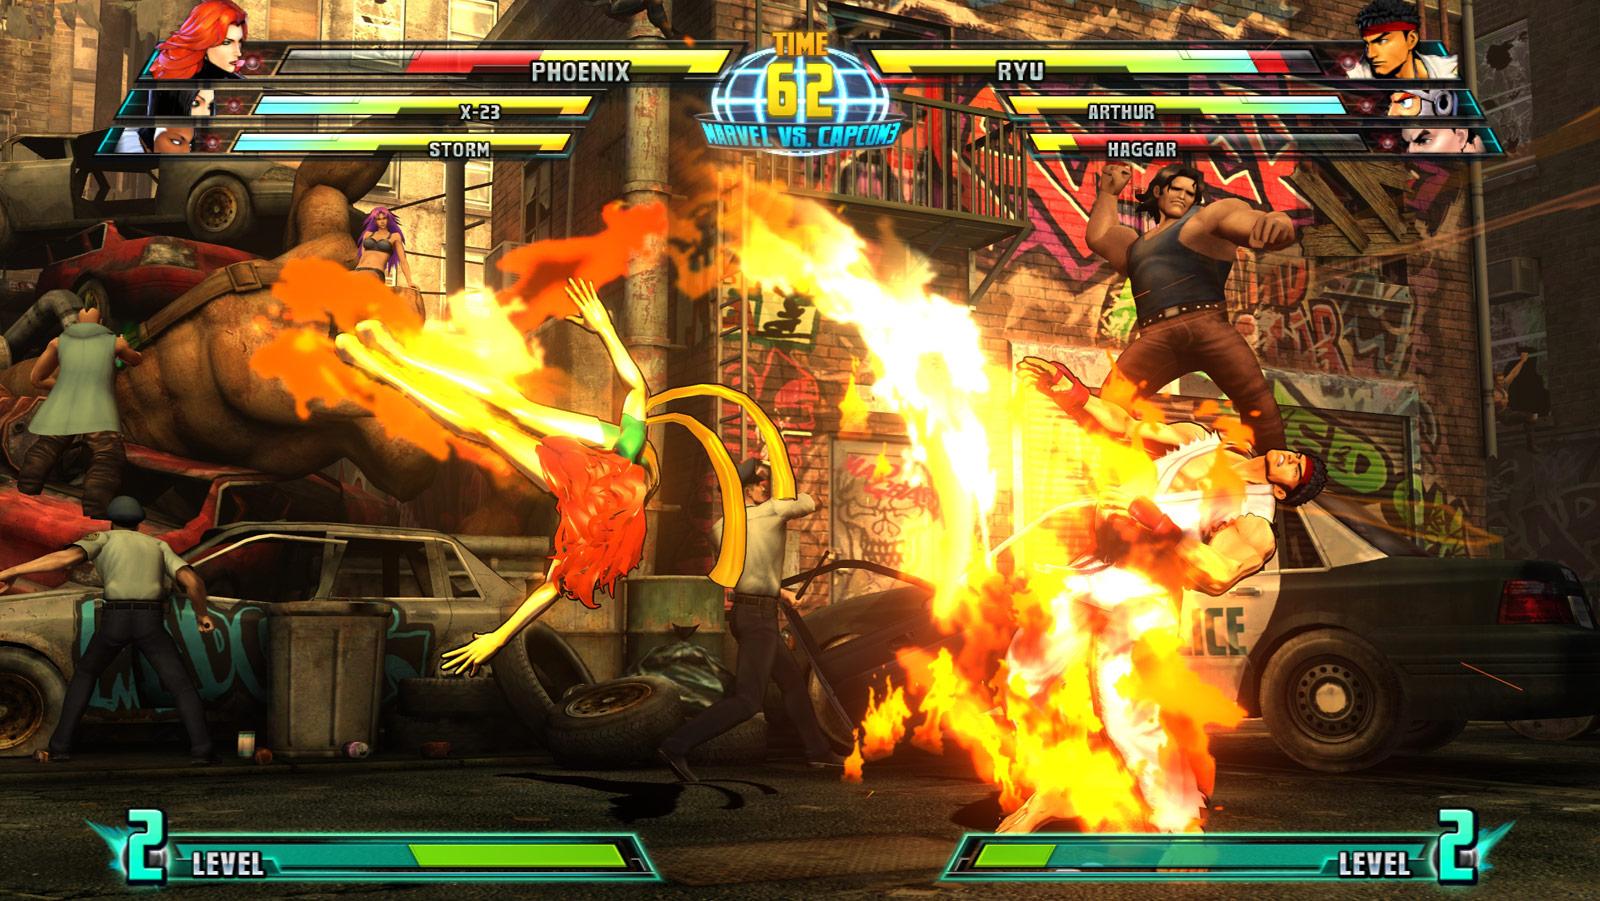 Phoenix and Haggar screen shots for Marvel vs. Capcom 3 #6